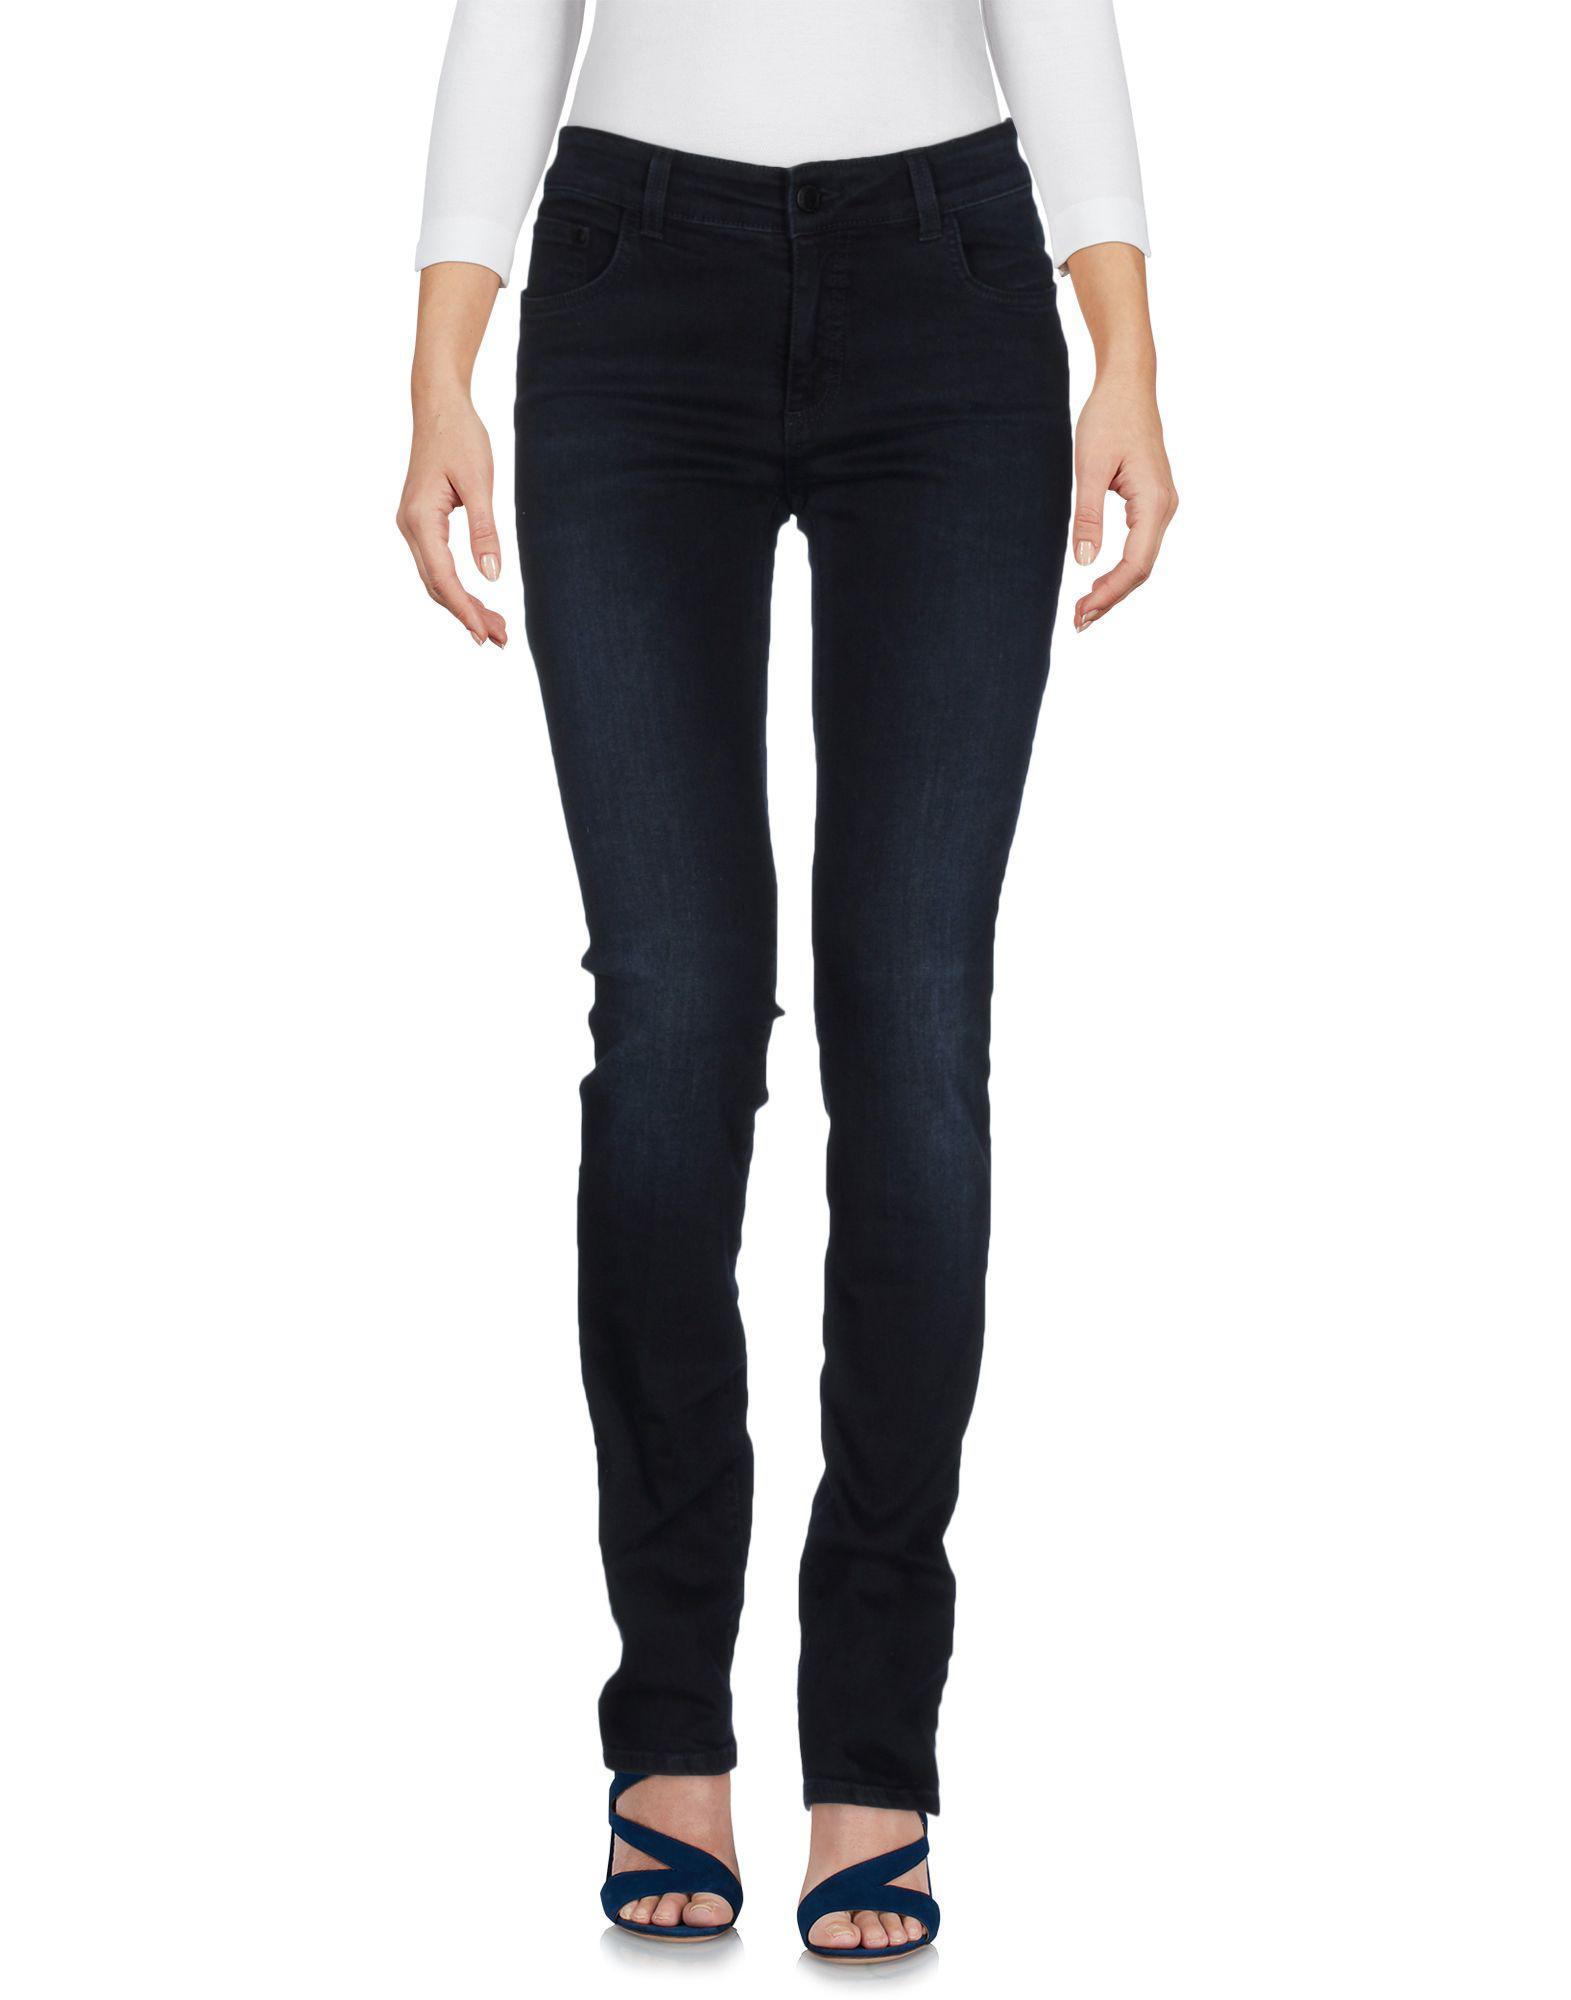 DENIM - Denim trousers Les Copains Y1T1Ju0T